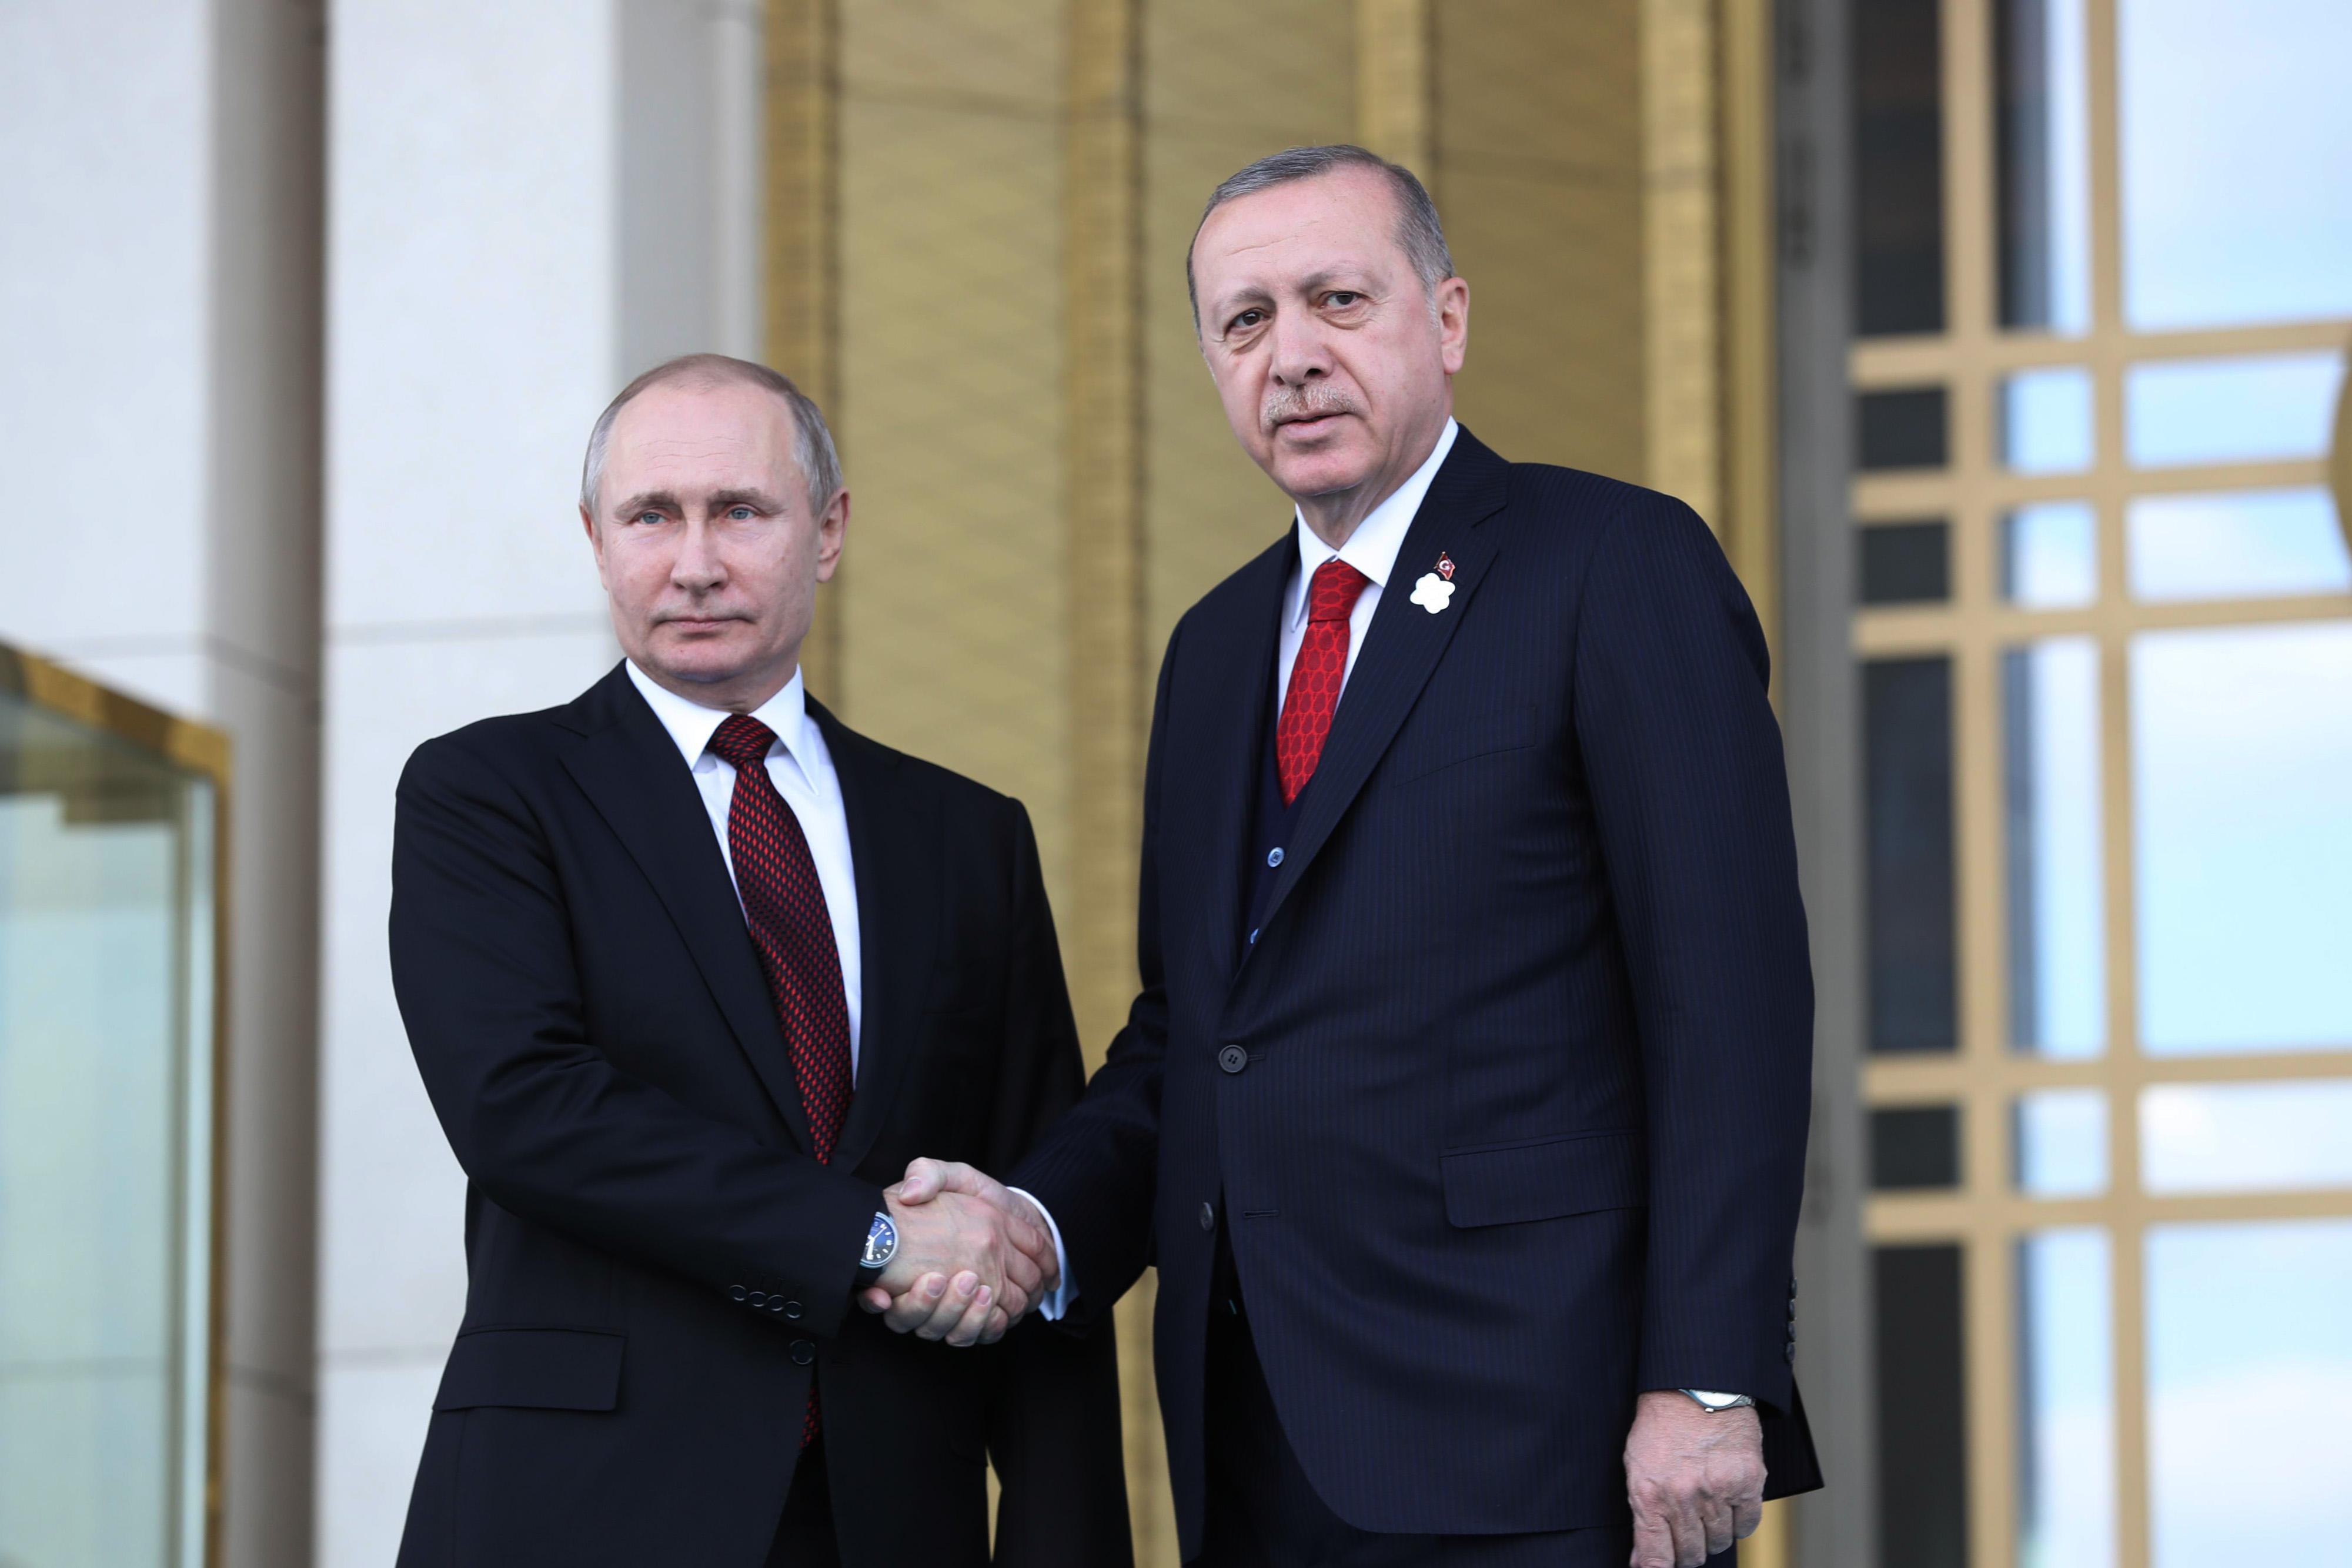 El presidente turco, Tayyip Erdogan, estrecha la mano de su homólogo ruso, Vladimir Putin, durante una ceremonia de bienvenida en el Palacio Presidencial de Ankara el 3 de abril de 2018. / AFP PHOTO / ADEM ALTAN